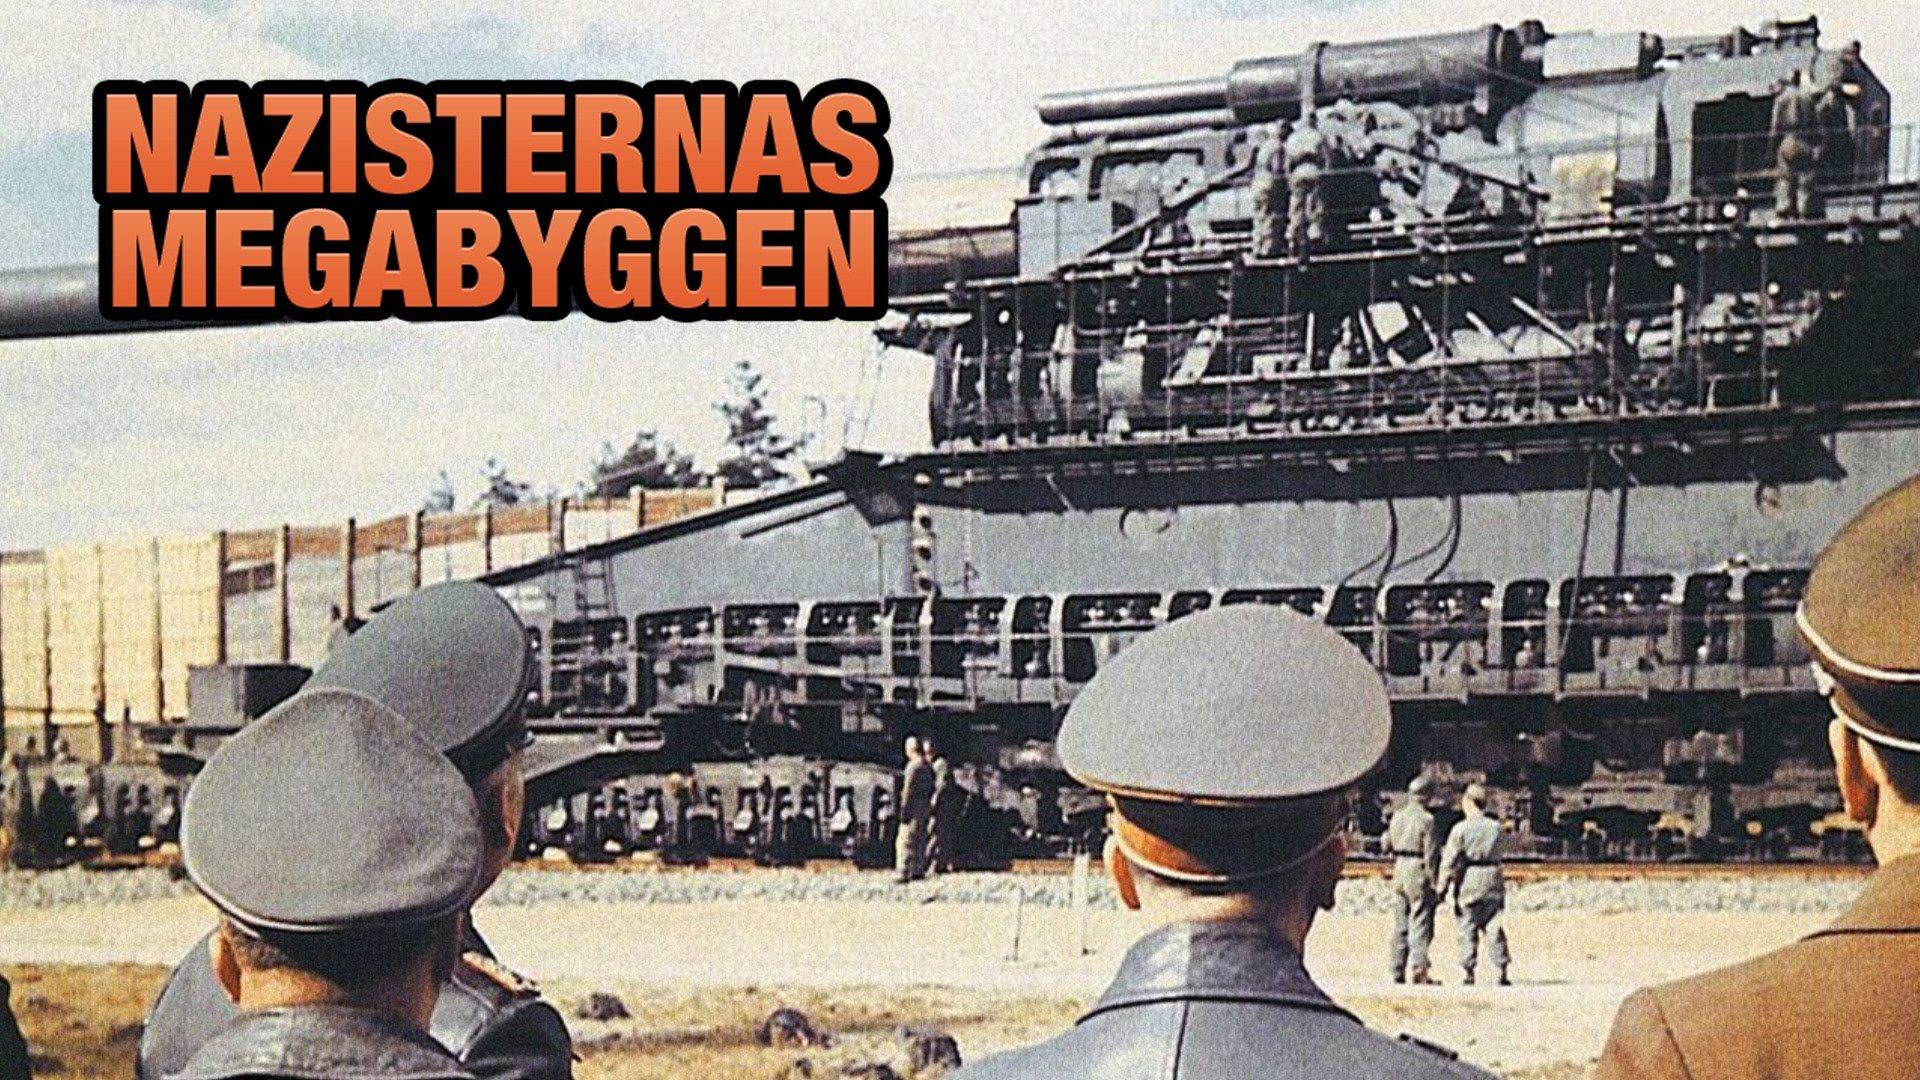 Nazisternas megabyggen